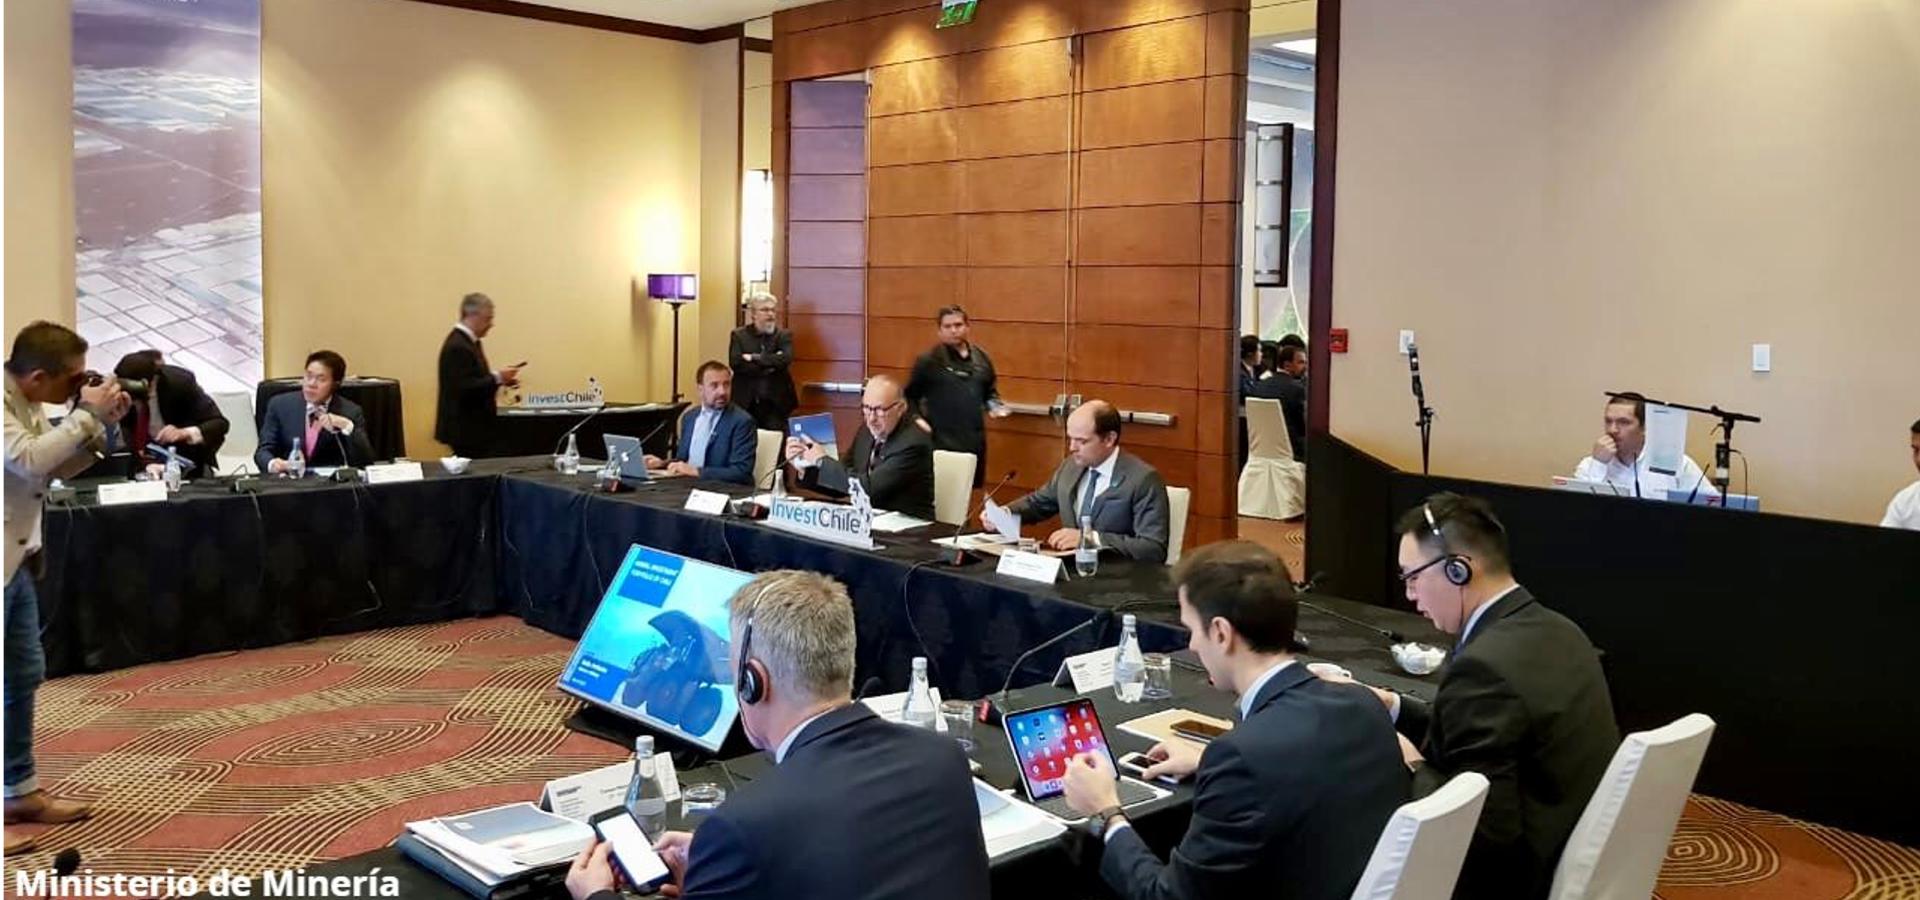 ENAPAC en la mira de fondos soberanos de Asia, Medio Oriente y Norteamérica